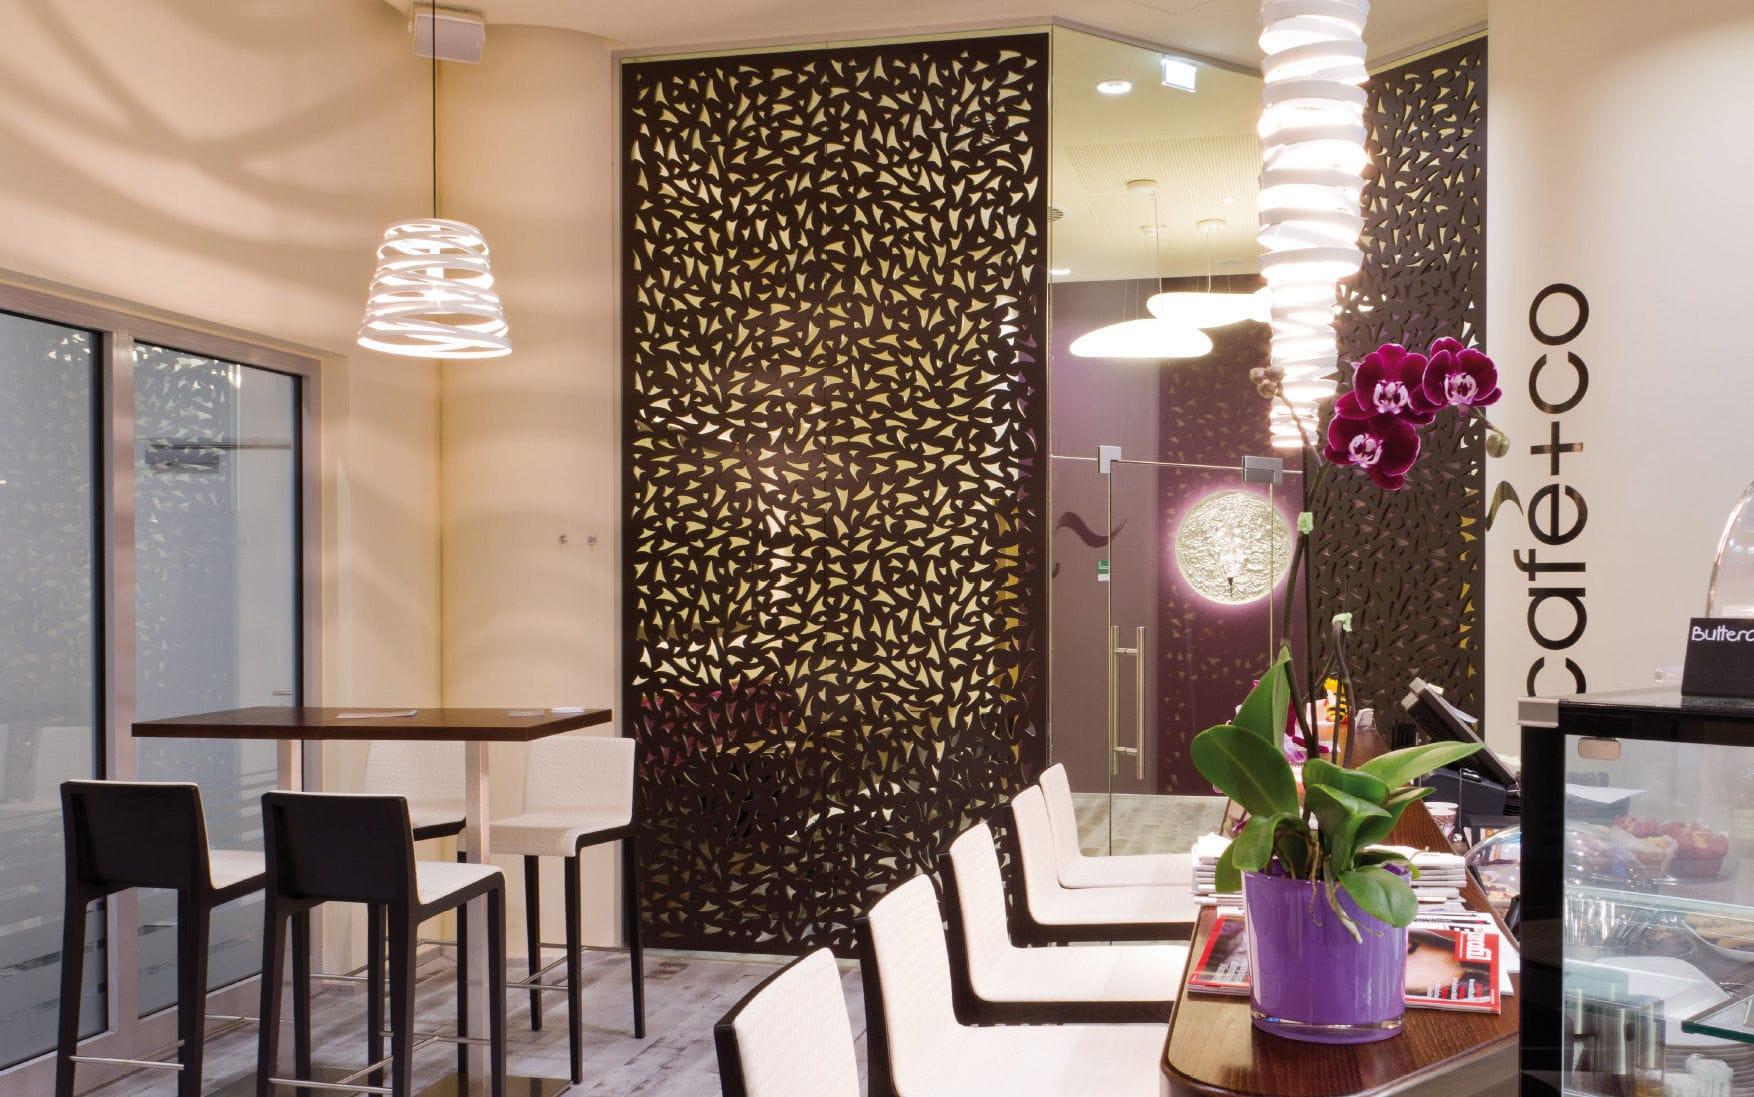 Panneau décoratif MDF / pour cloison / mural / perforé - CAFE+CO ...